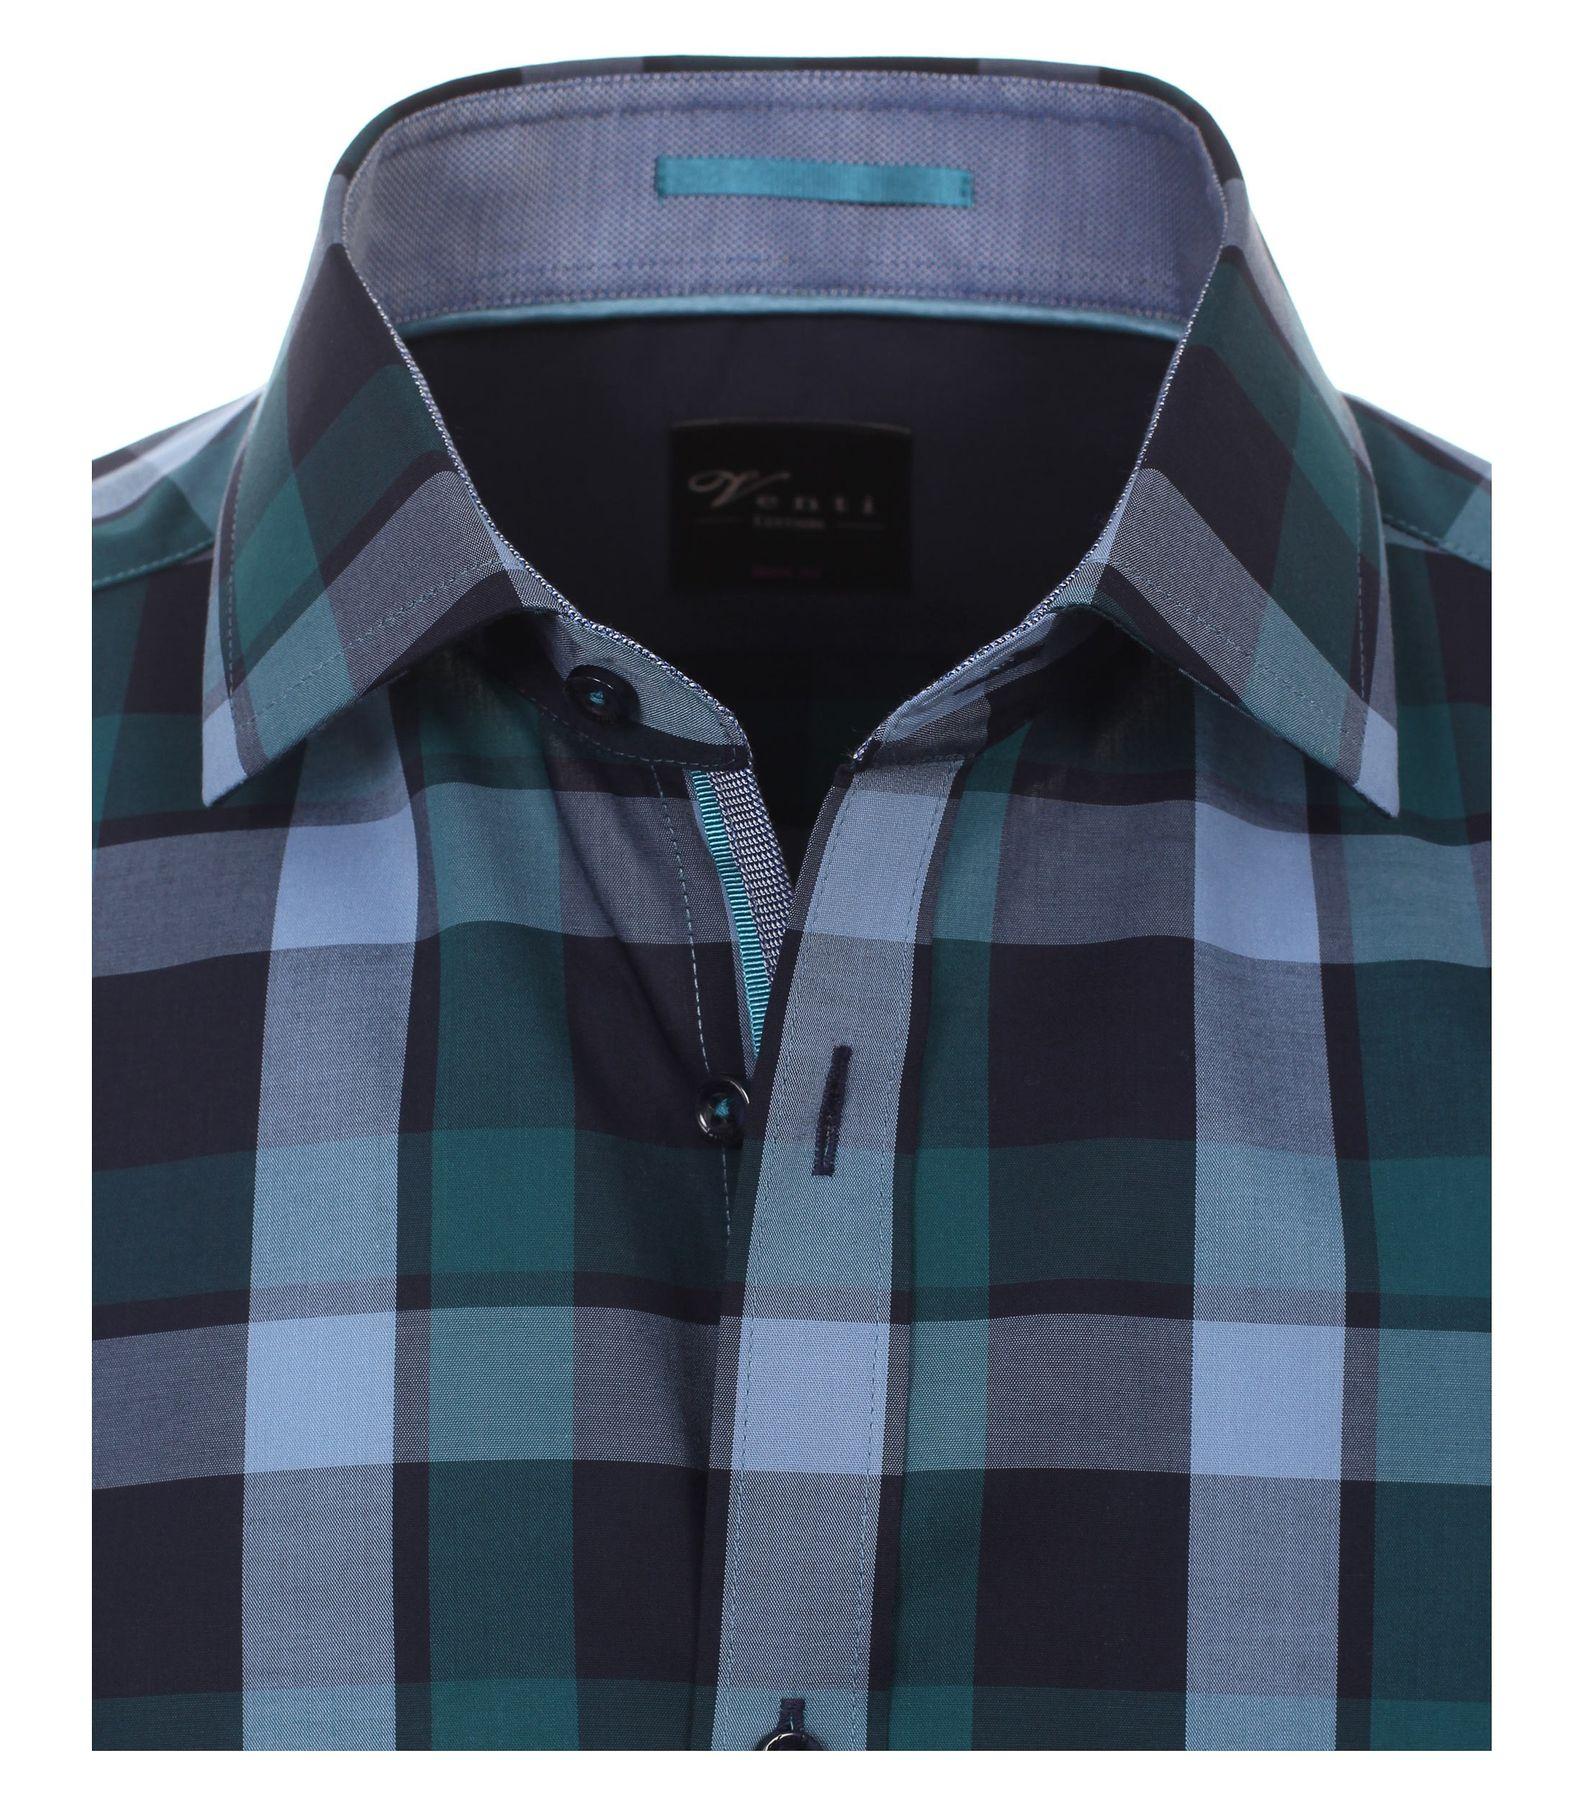 Venti - Body Fit - Herren Langarm Karo Popeline Hemd aus 100% Baumwolle mit Kent Kragen (162546100A) – Bild 3